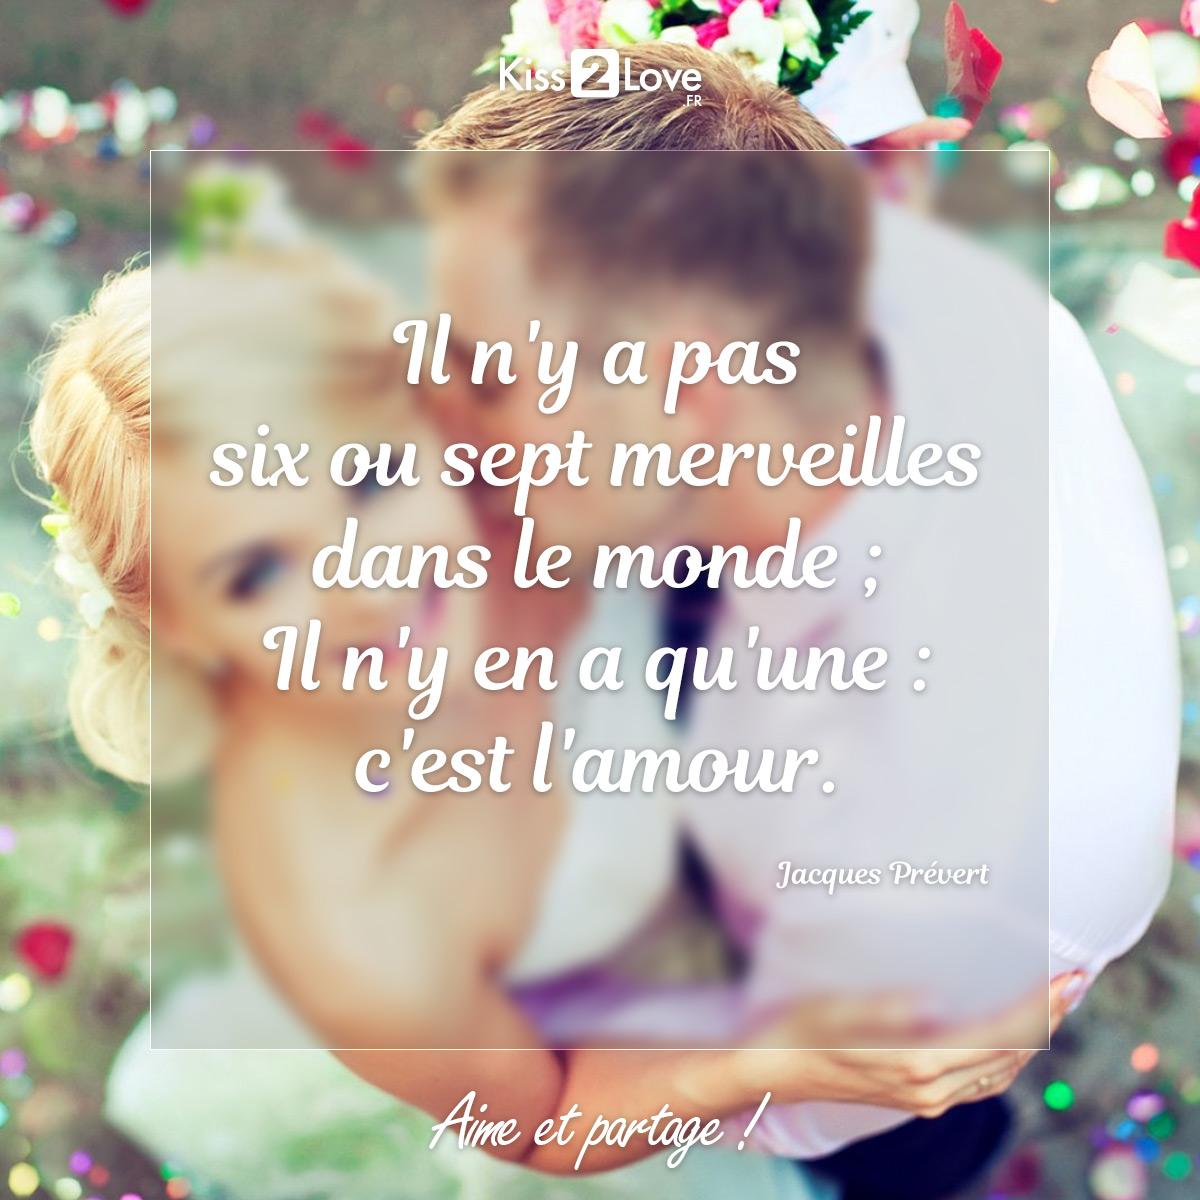 """MA merveille !!!  Rien que pour toi...  #sentiment #citation #citationamour #citationdujour #merveille #merveilledumonde #jacquesprevert #prevert  """"Il n'y a pas six ou sept merveilles dans le monde; Il n'y en a qu'une : c'est l'amour."""" - Jacques Prévert -pic.twitter.com/hmtAJcQYv6"""